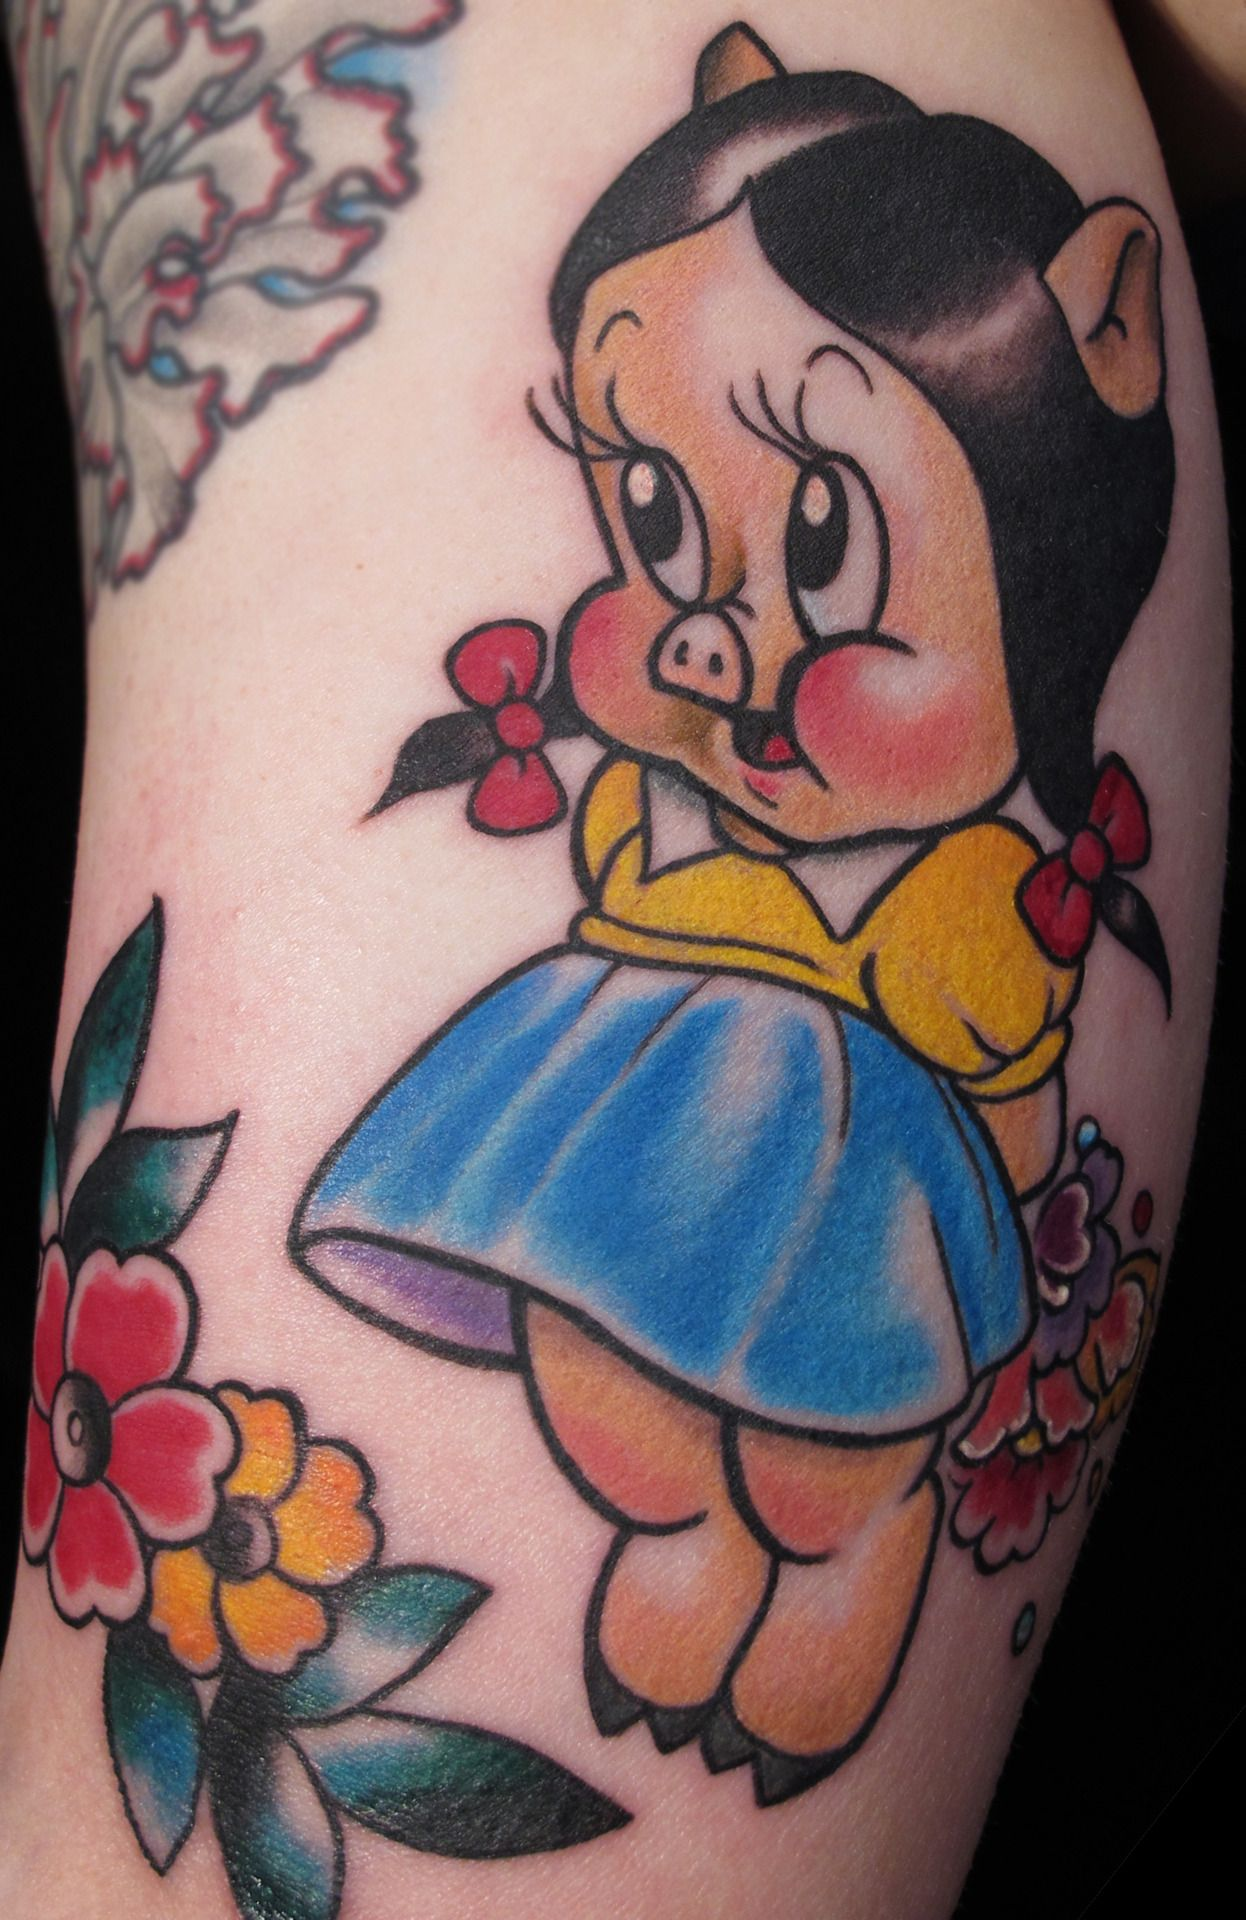 Tattoo Art Petunia The Pig Tattoo Design Tattoo Art